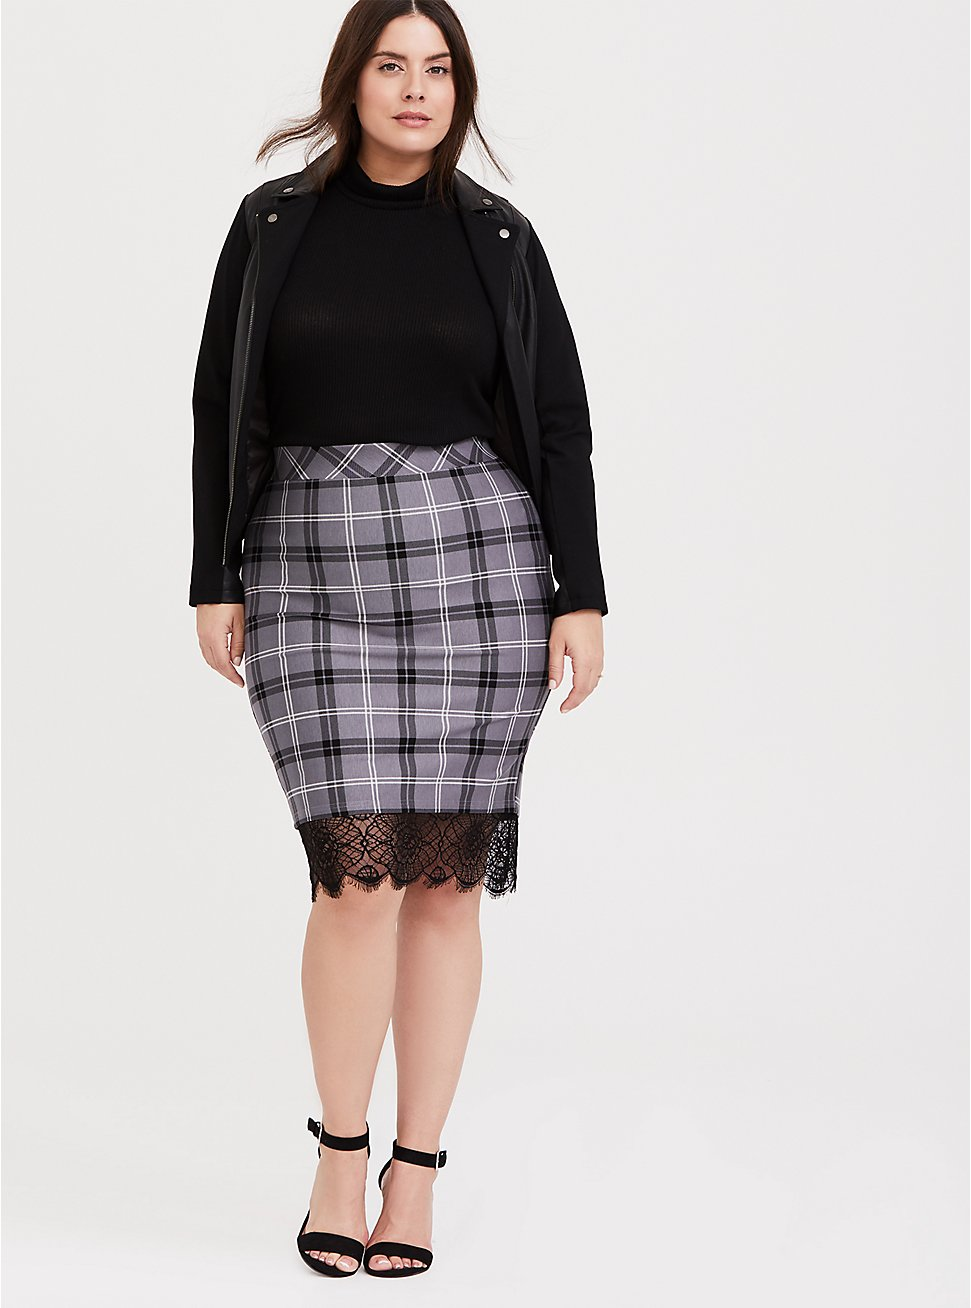 Slate Grey Plaid Premium Ponte Lace Trim Pencil Skirt, DARK PEARL GREY, hi-res